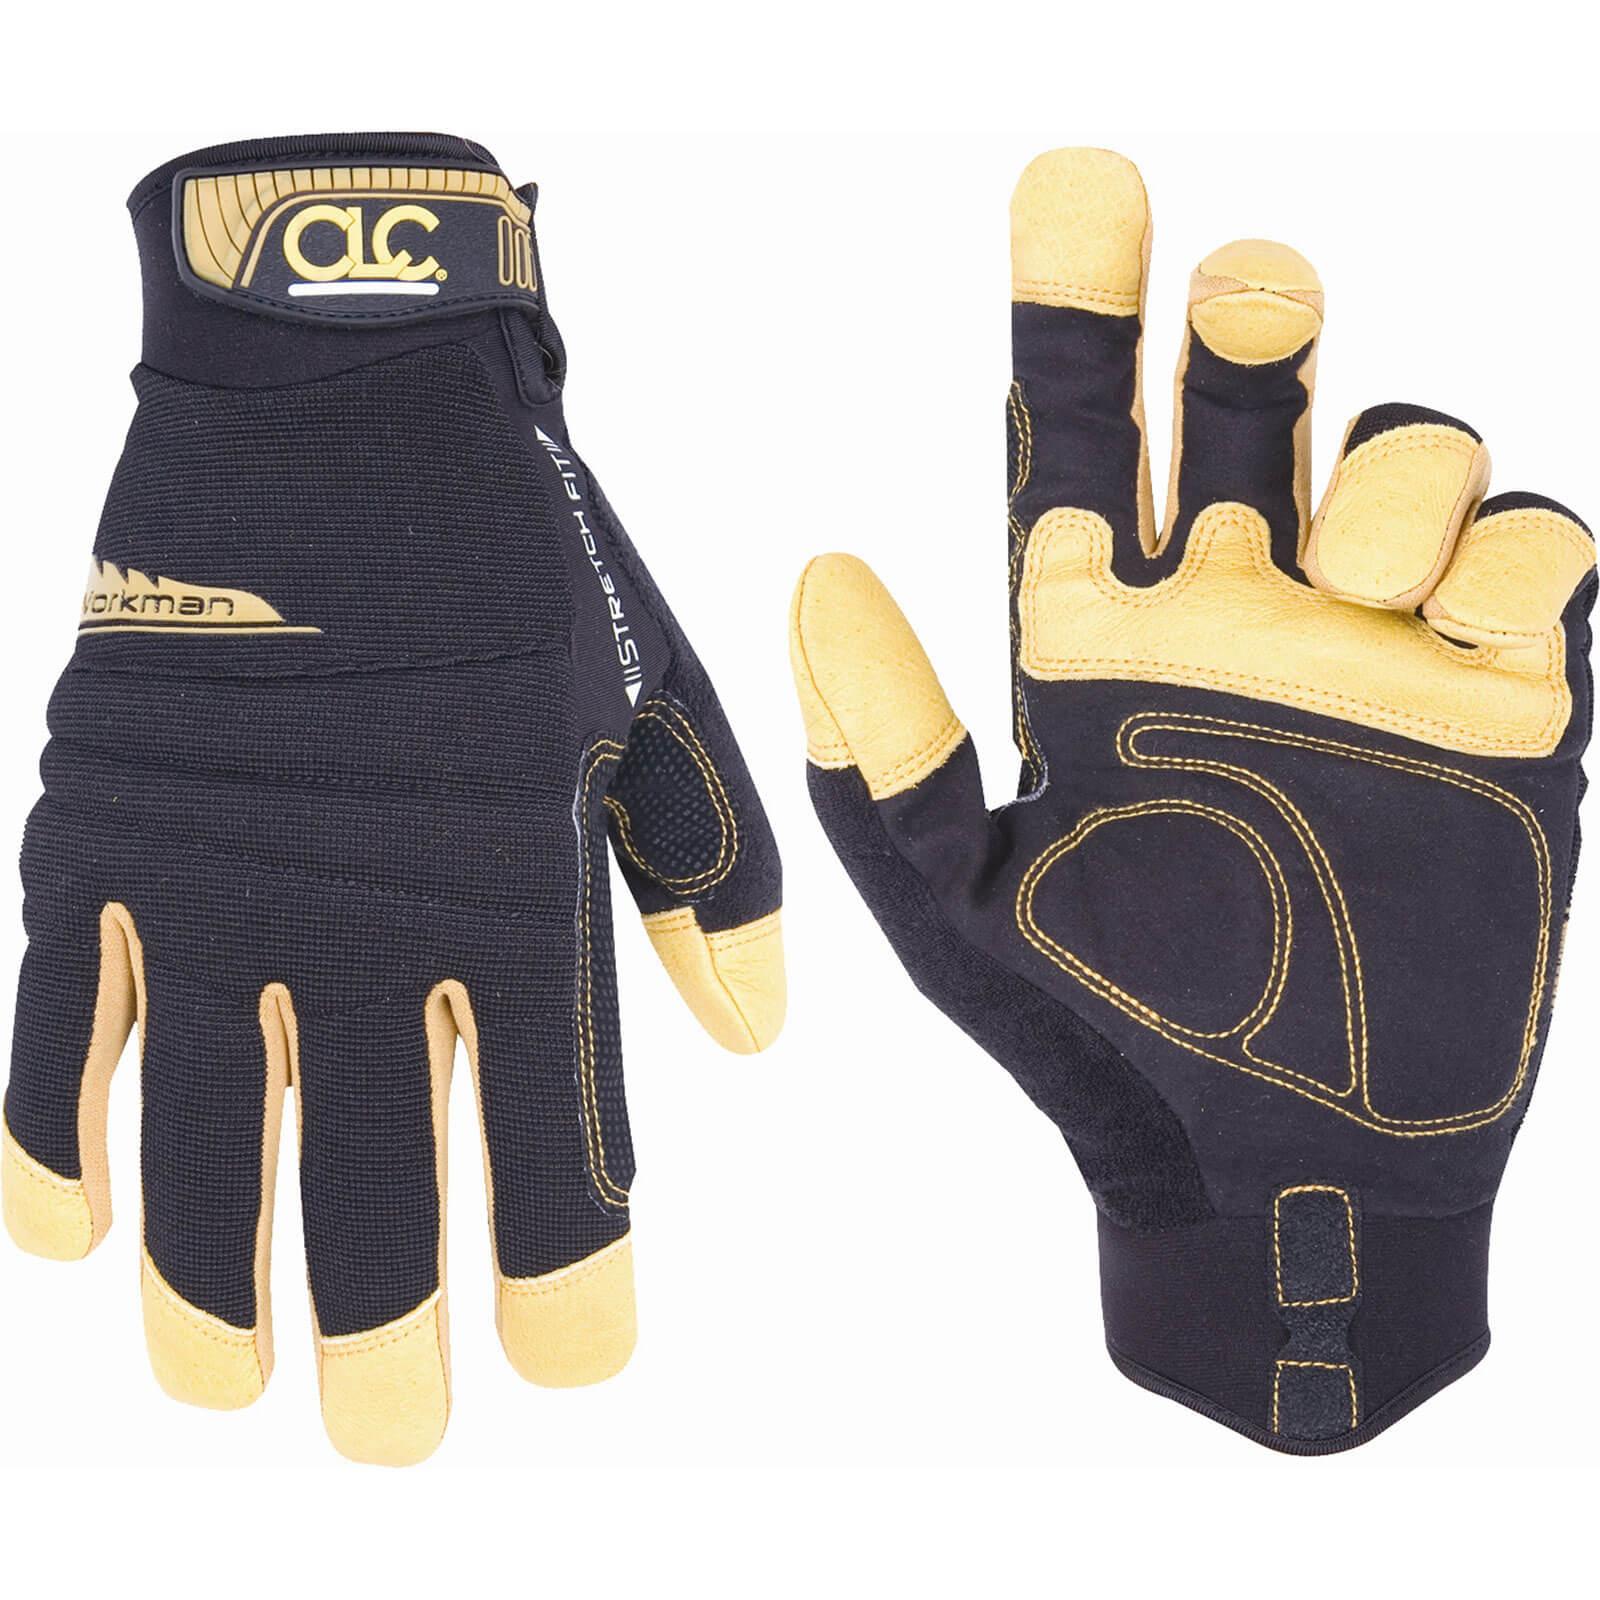 Kunys 133 Flex Grip Workman Gloves M